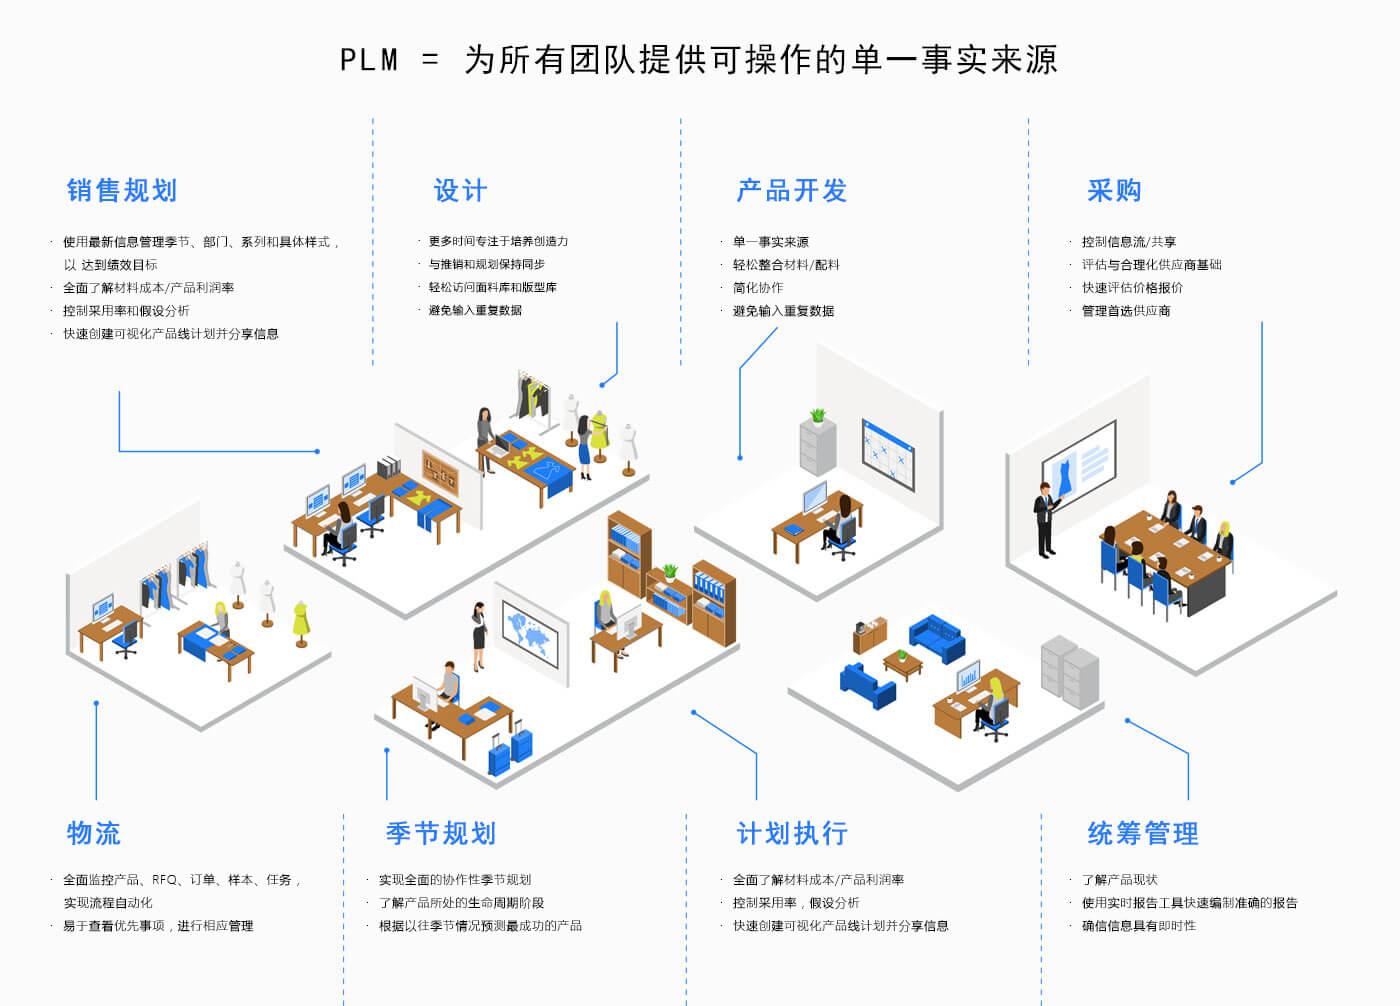 中小企业PLM